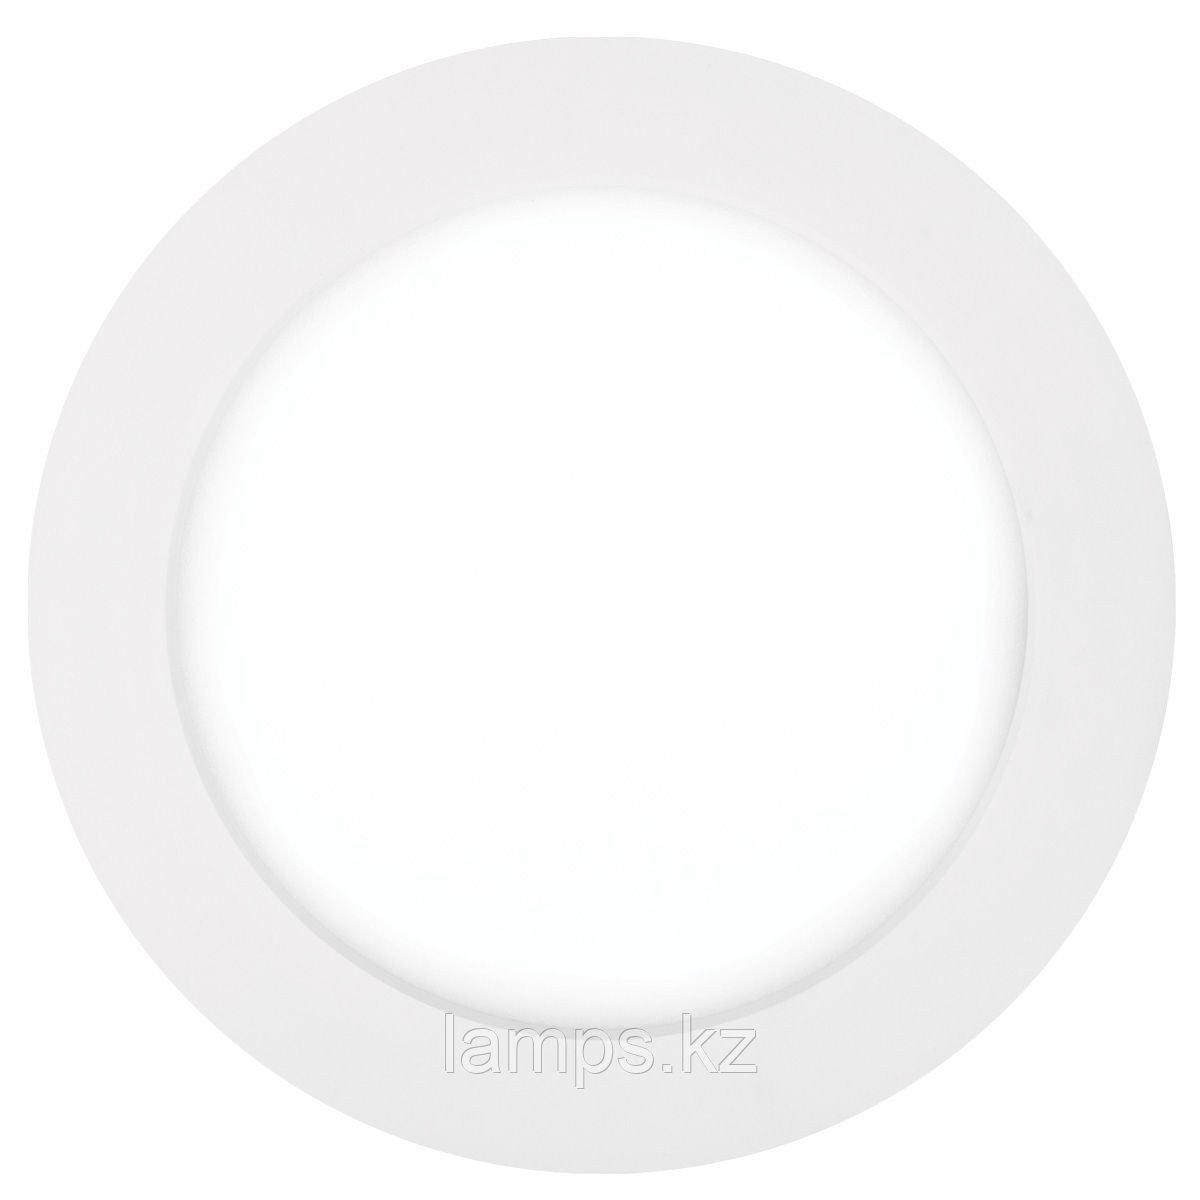 Панель светодиодная, круглая, белая, встраиваемая, потолочная DL LED ROUND PANEL 24W 4500K